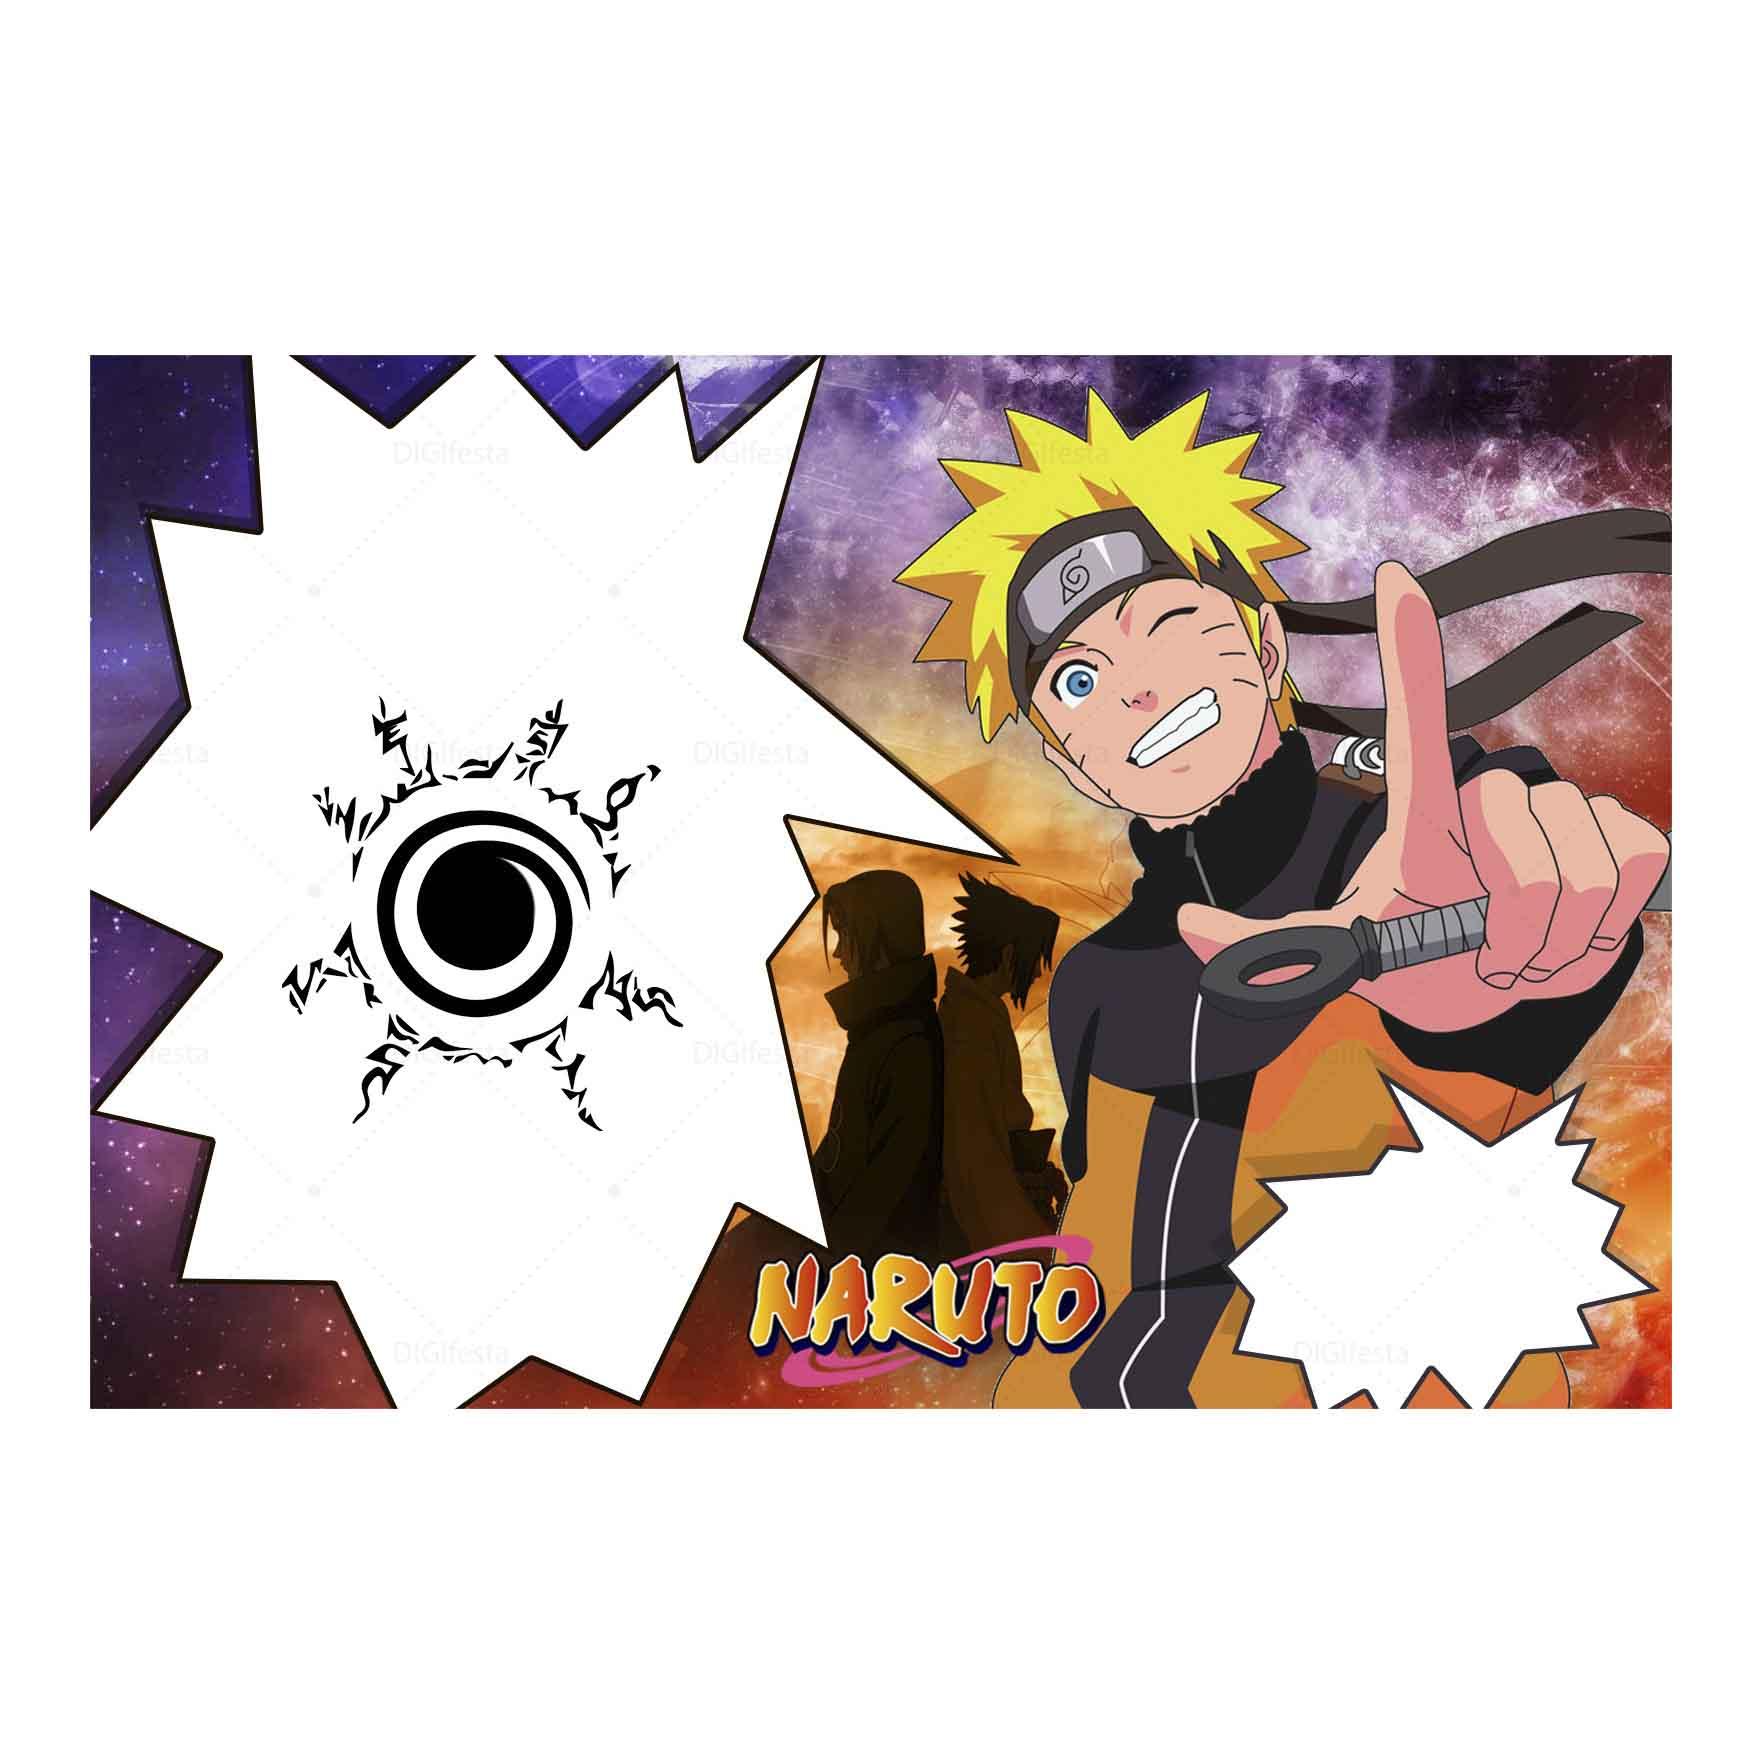 Convite Naruto Gratis para editar e imprimir